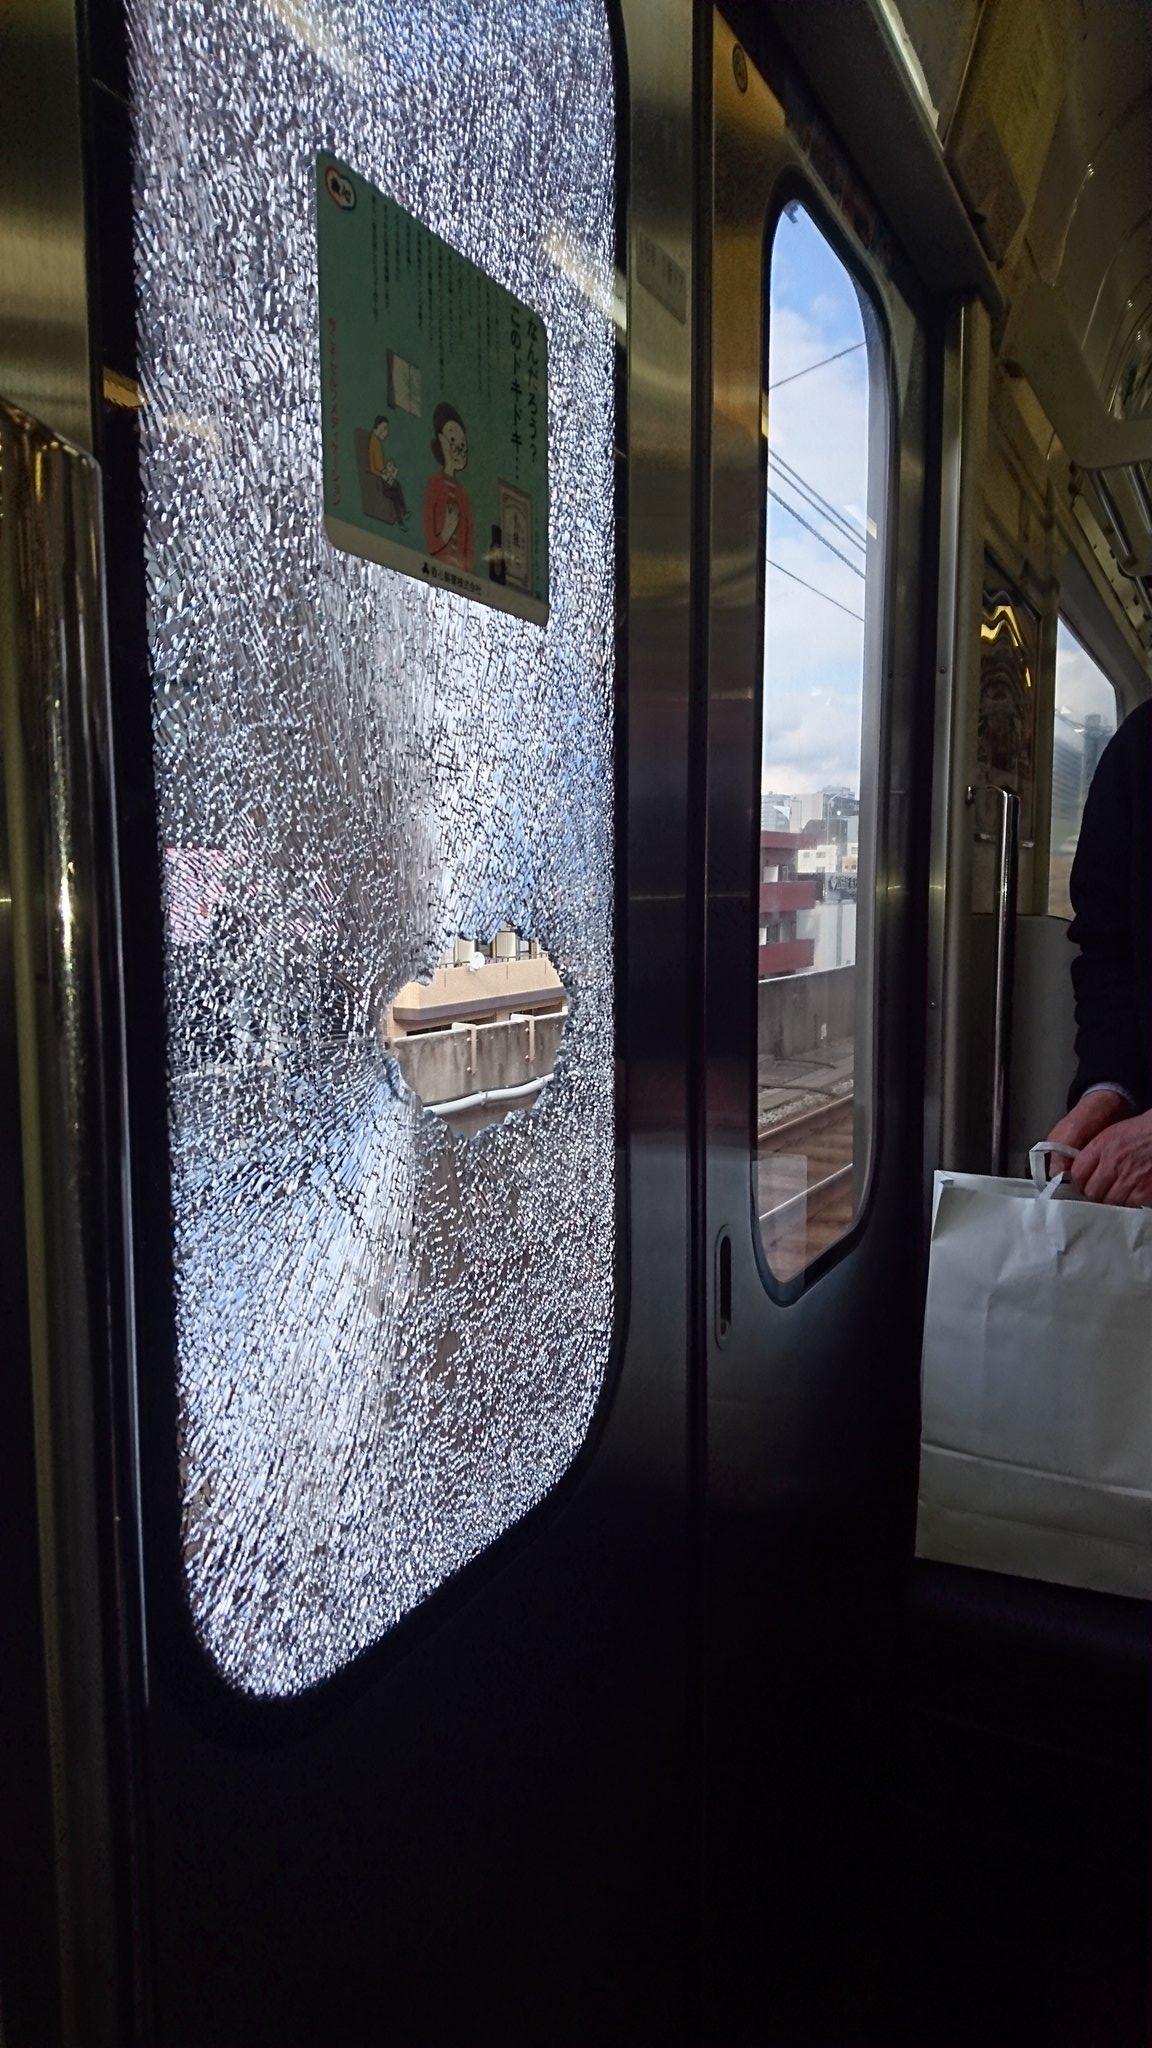 高円寺駅の窓ガラス破損の現場の画像